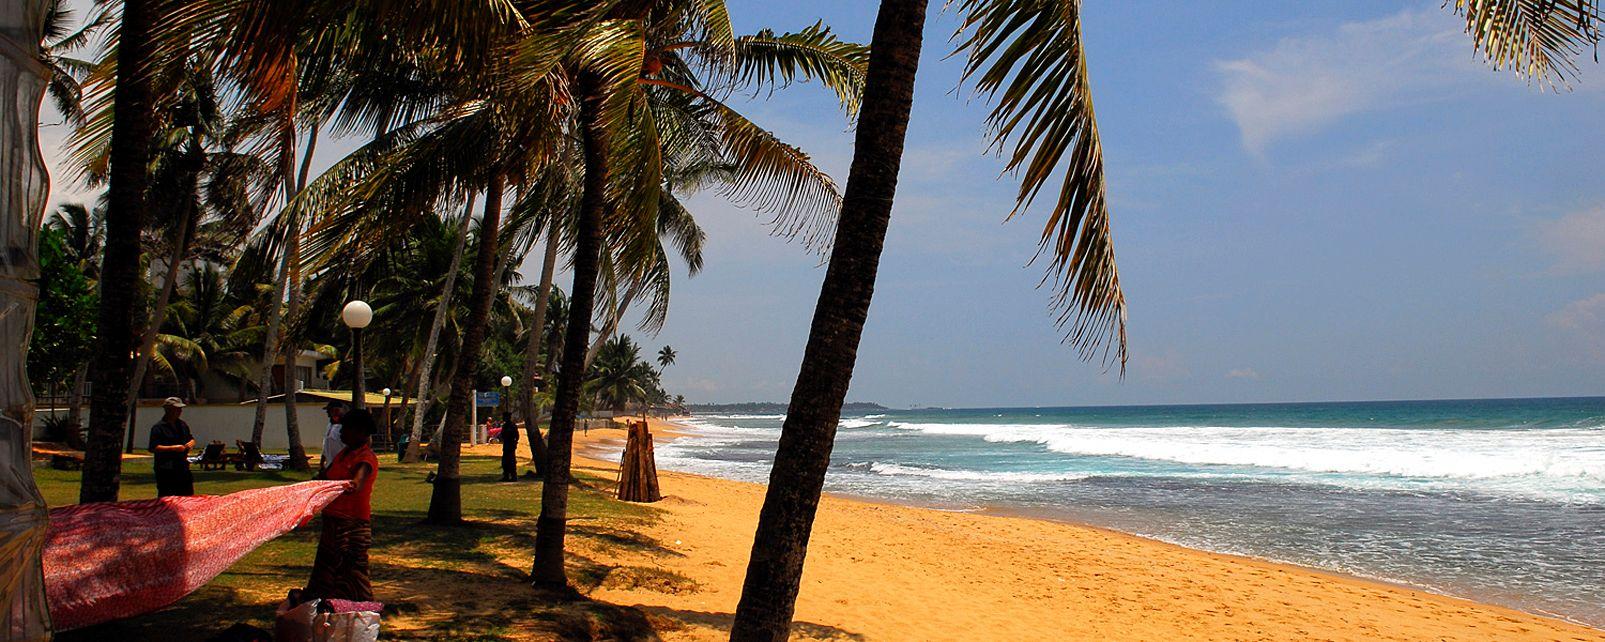 Hotel Amaya Reef